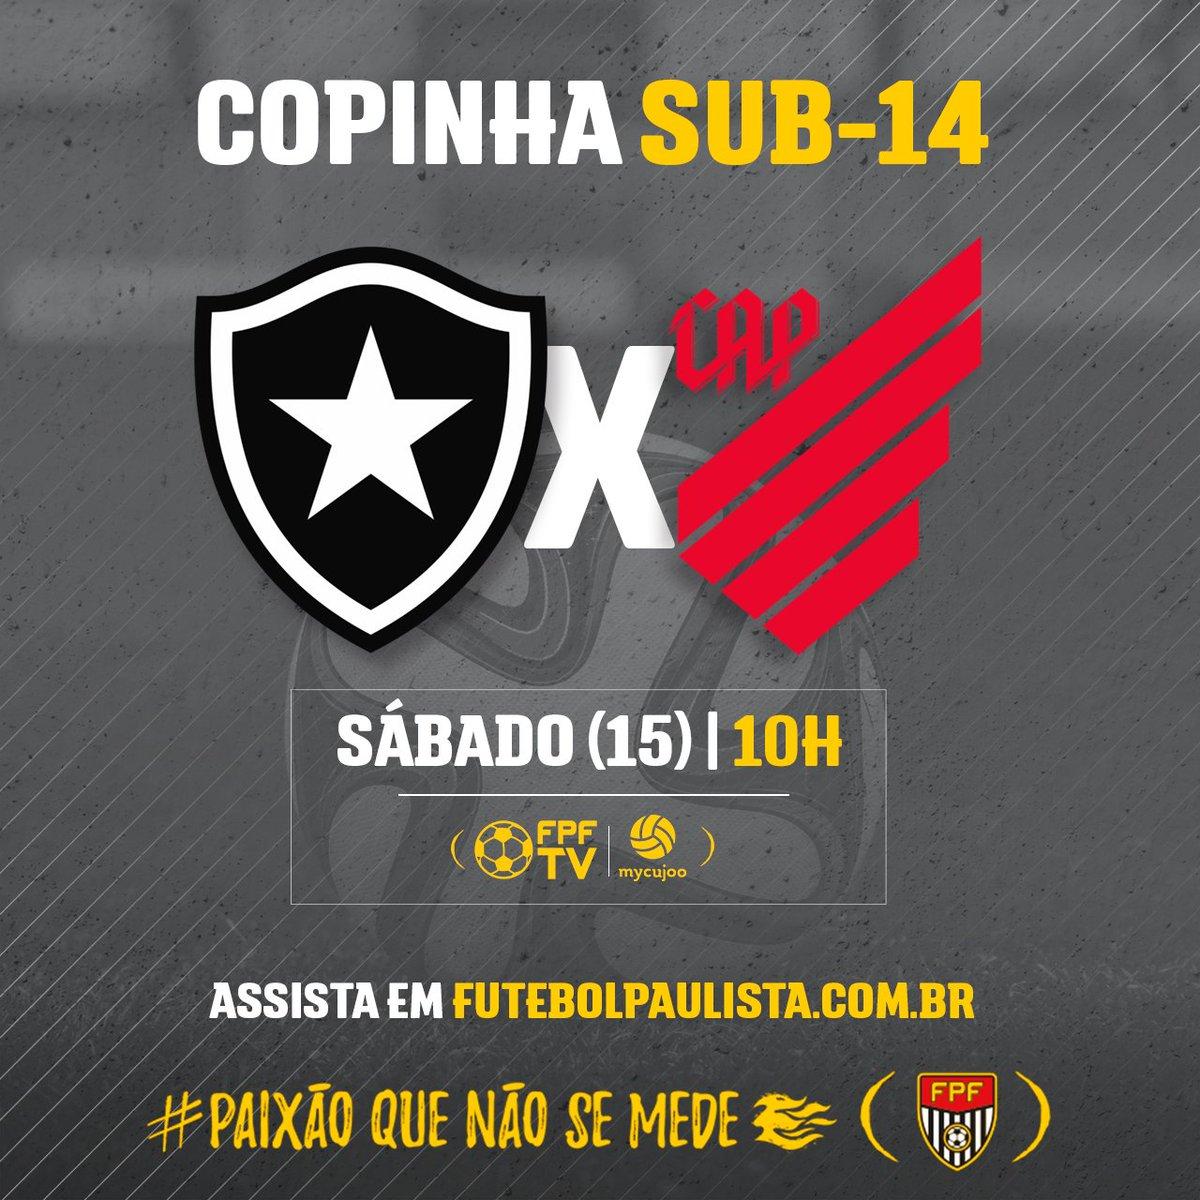 SÁBADO DE FUTEBOL! Botafogo e Athletico-PR se encontram em jogo da Copinha Sub-14. E você confere a partida ao vivo. Link do jogo 👉https://t.co/mFASHB9f8o #PaixãoQueNãoSeMede #FPF #FutebolPaulista #EsseÉoMeuJogo